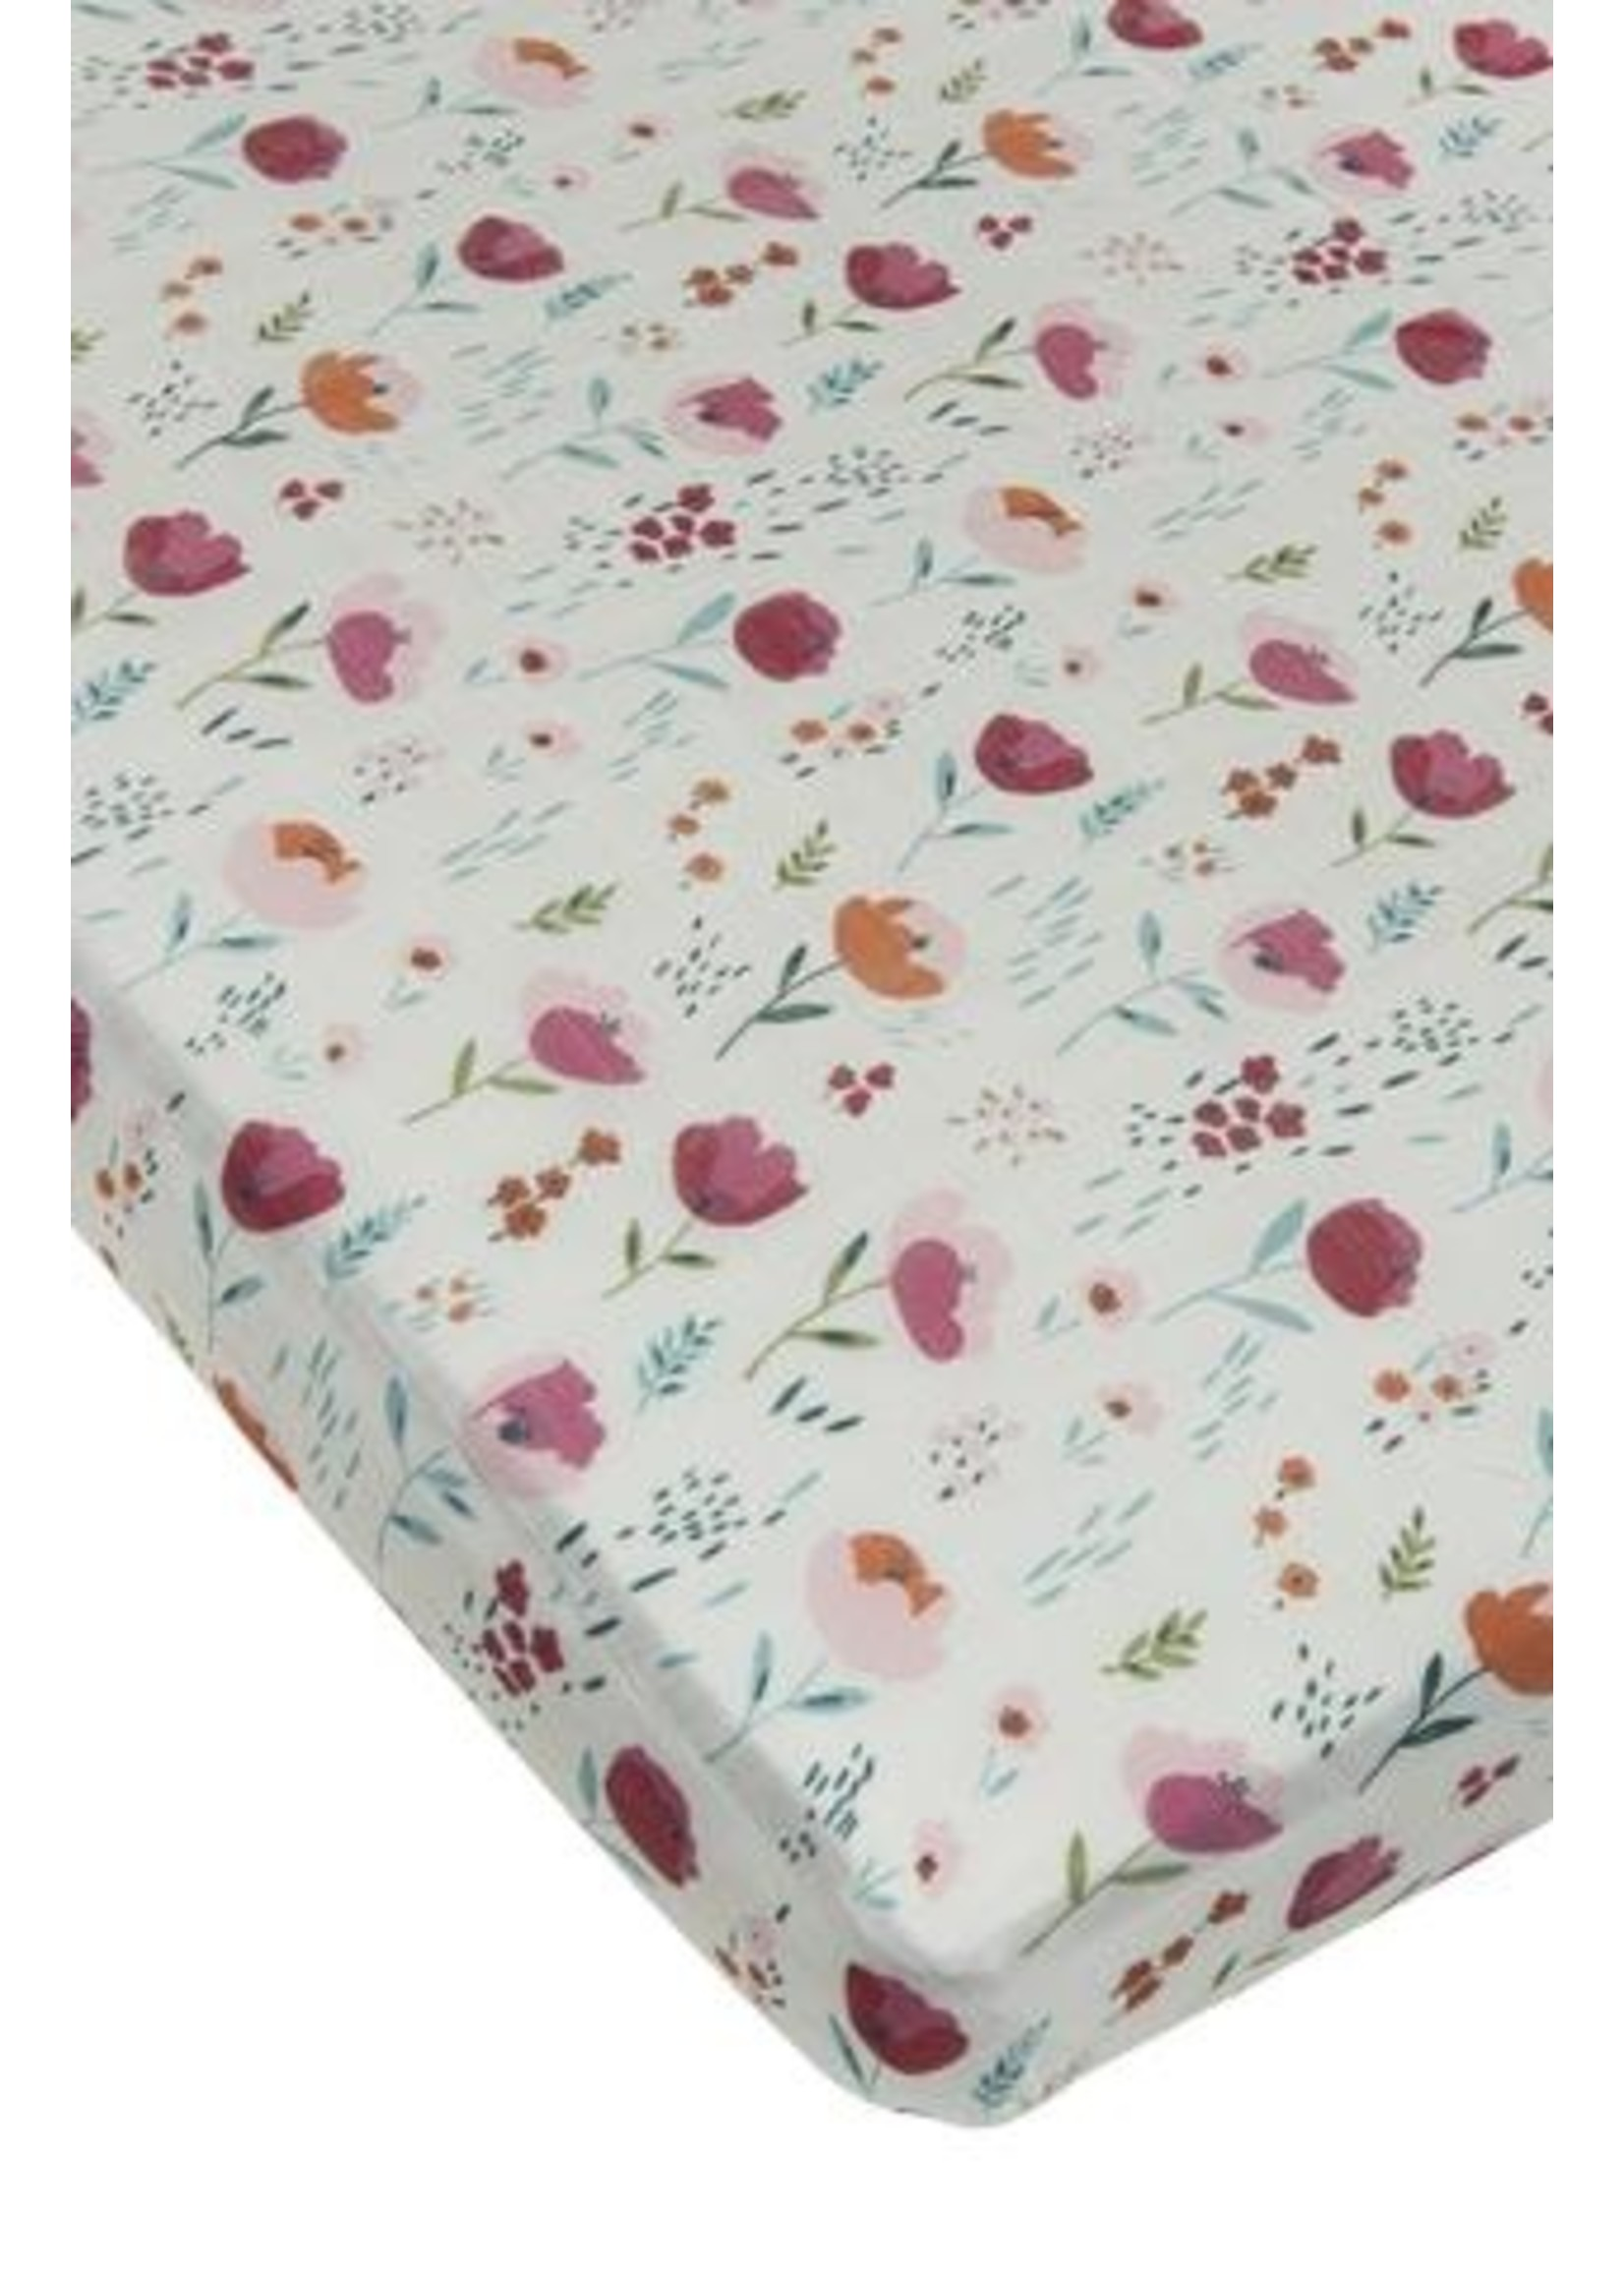 Loulou lollipop Drap contour de bassinette Rosey bloom